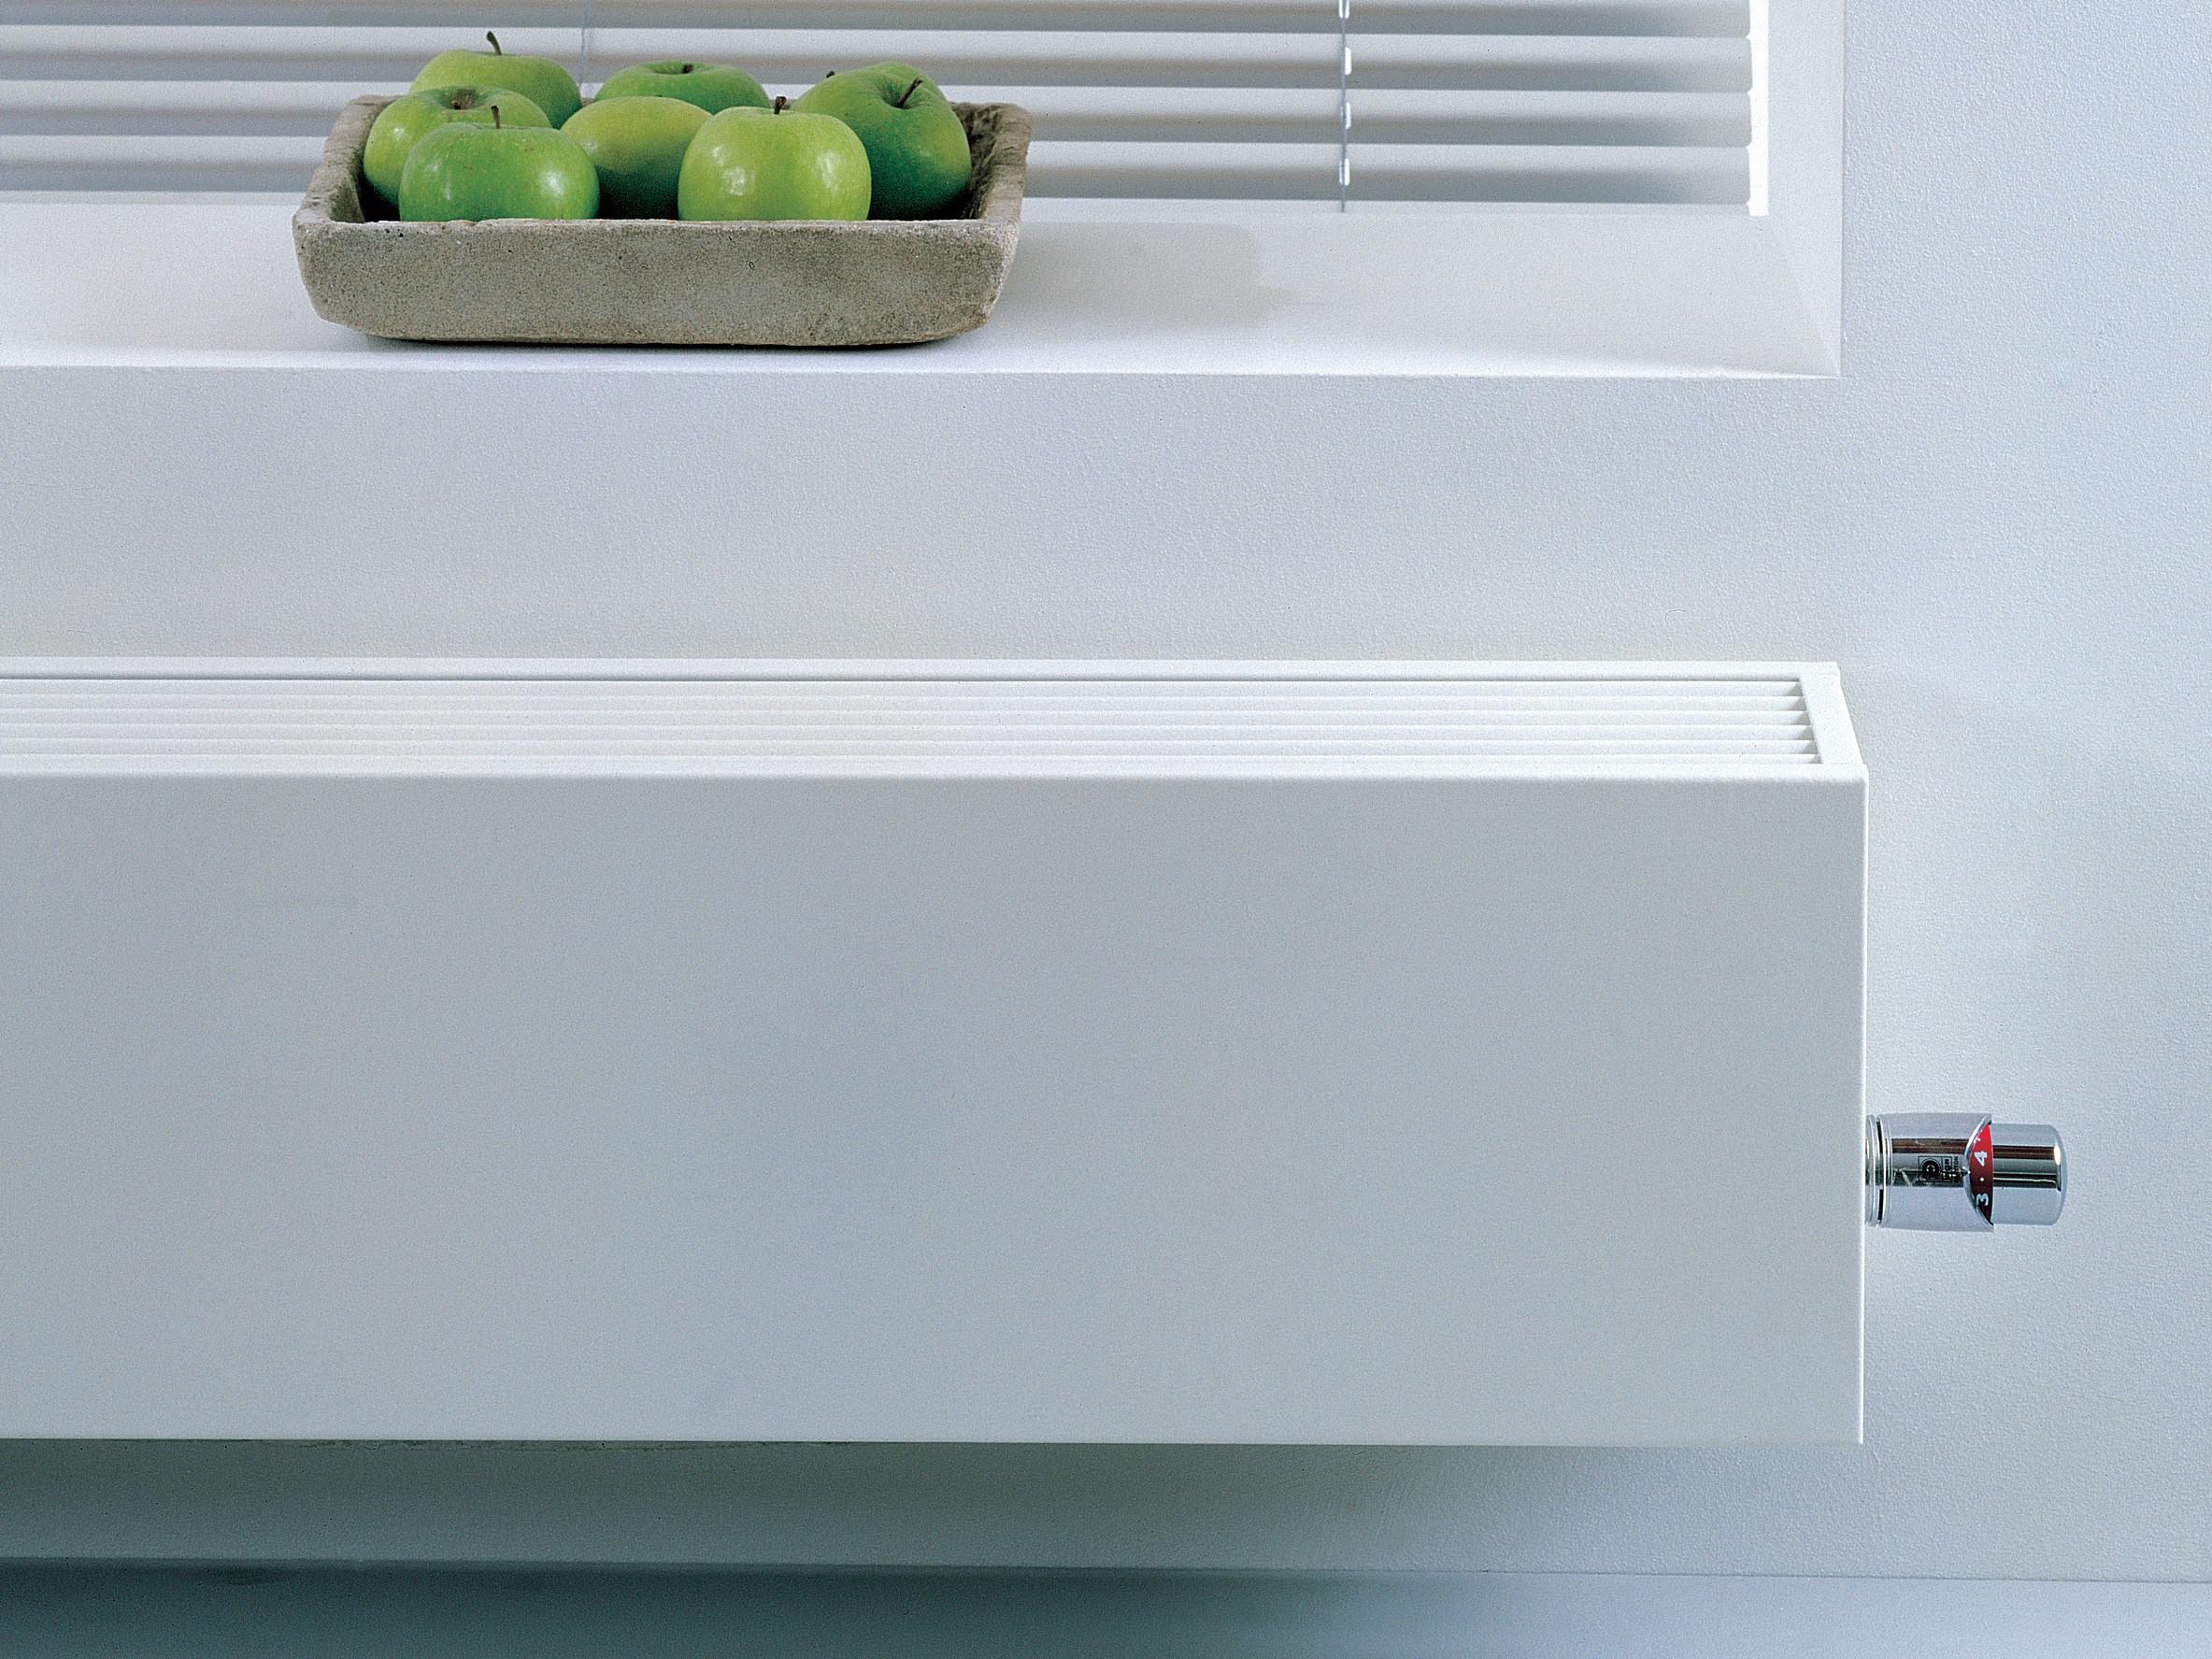 Full Size of Heizkrper 28 18 Ab 60 Cm 860 Watt Bad Design Heizung Wohnzimmer Wandheizkörper